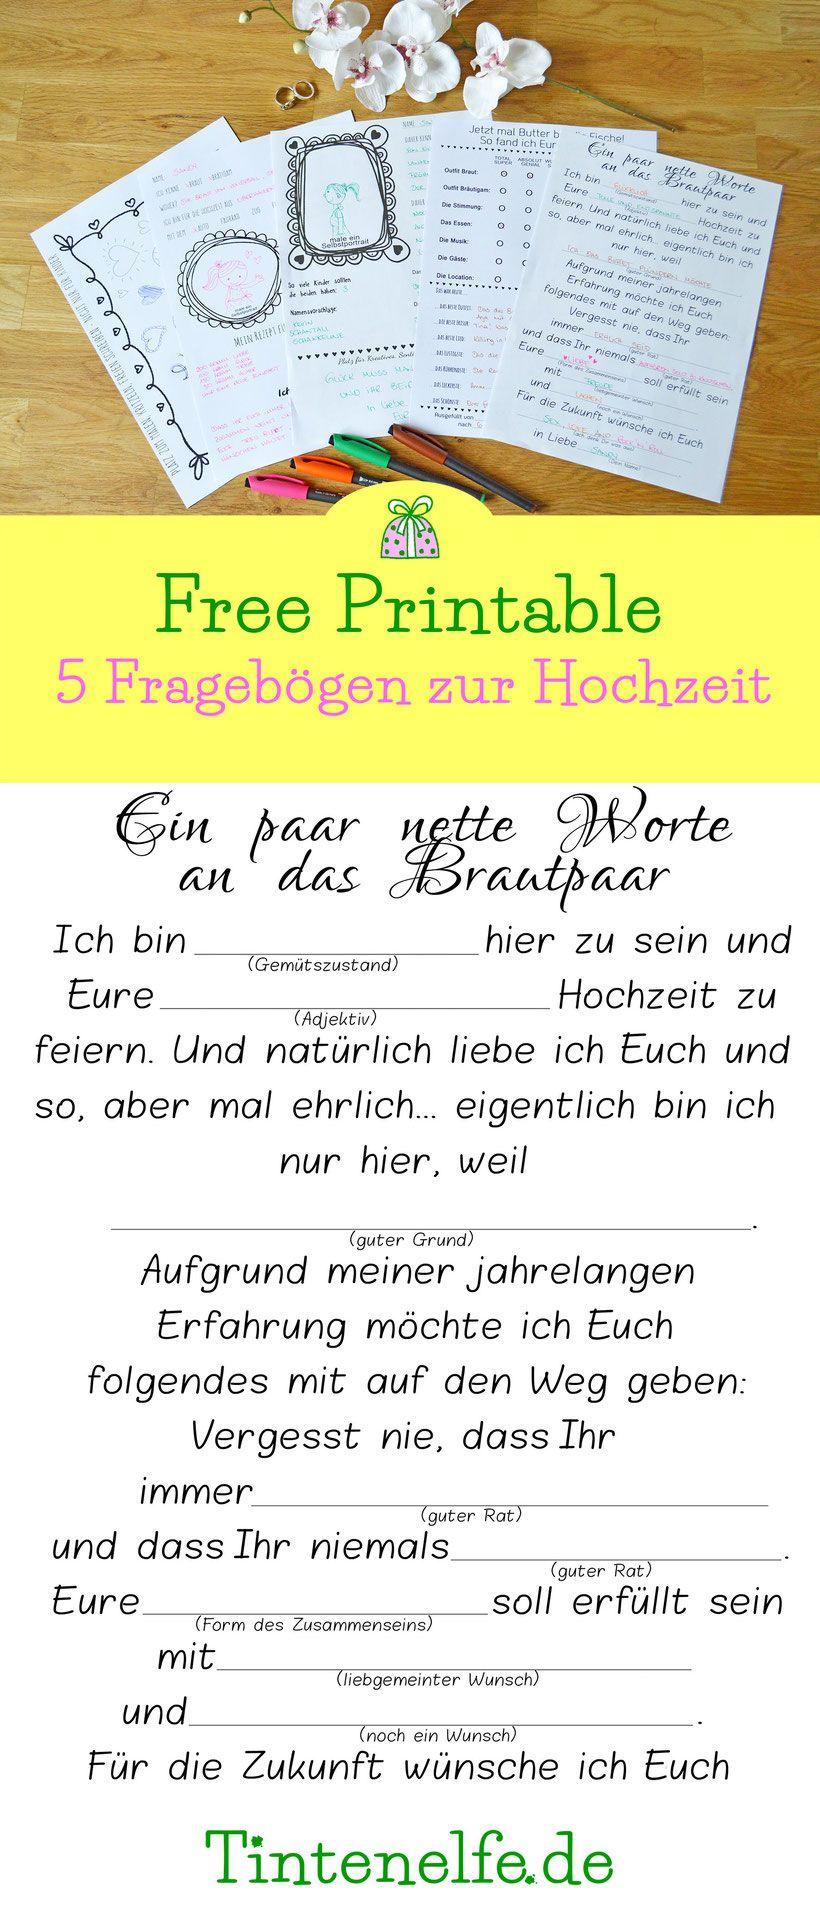 Hochzeitskram Free Printable Fragebogen Als Gastebuch Mit